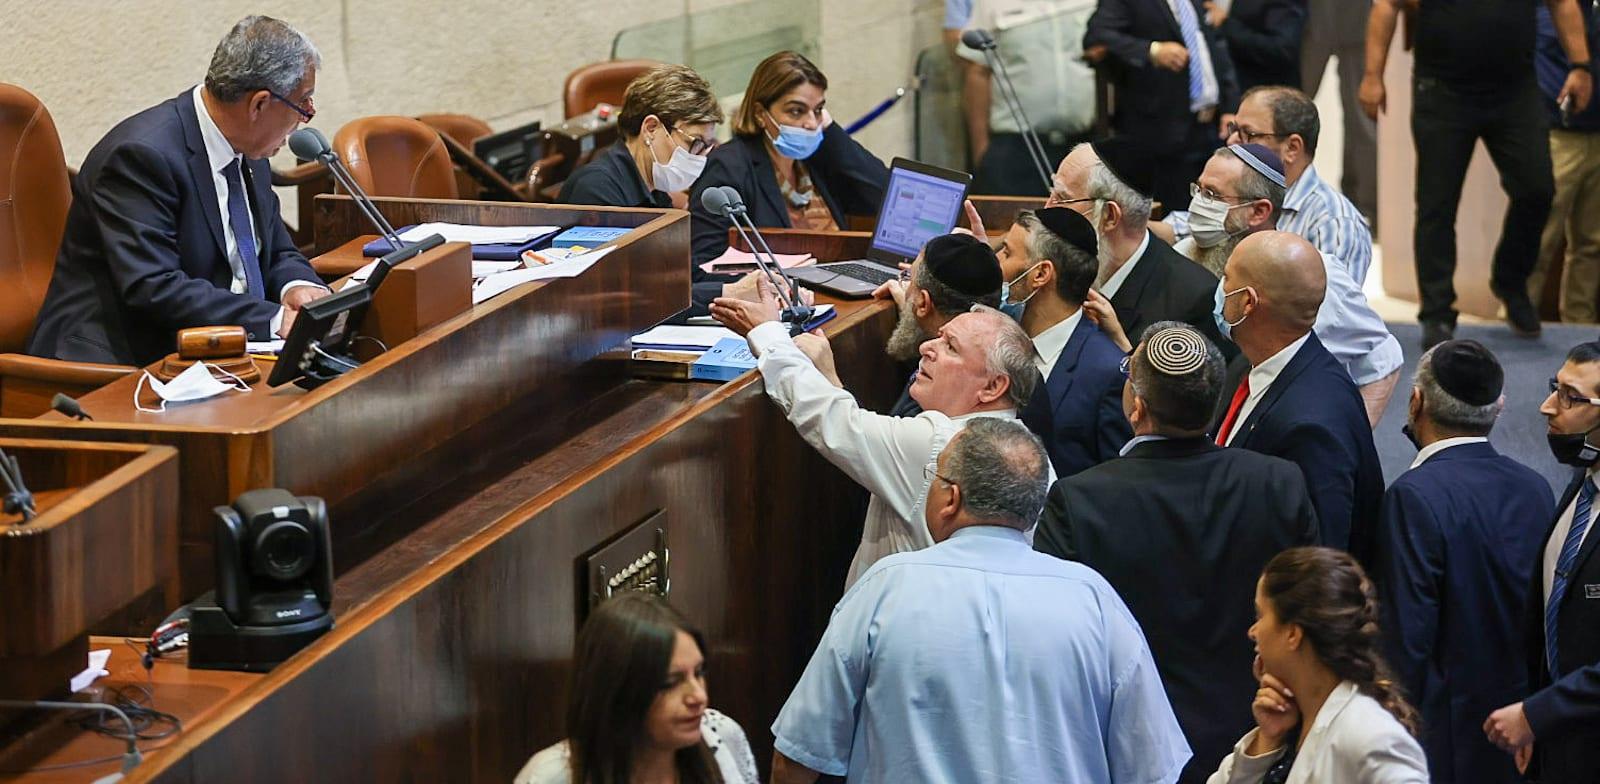 """הפלת חוק האזרחות ע""""י האופוזיציה, הלילה / צילום: נועם מושקוביץ, דוברות הכנסת"""